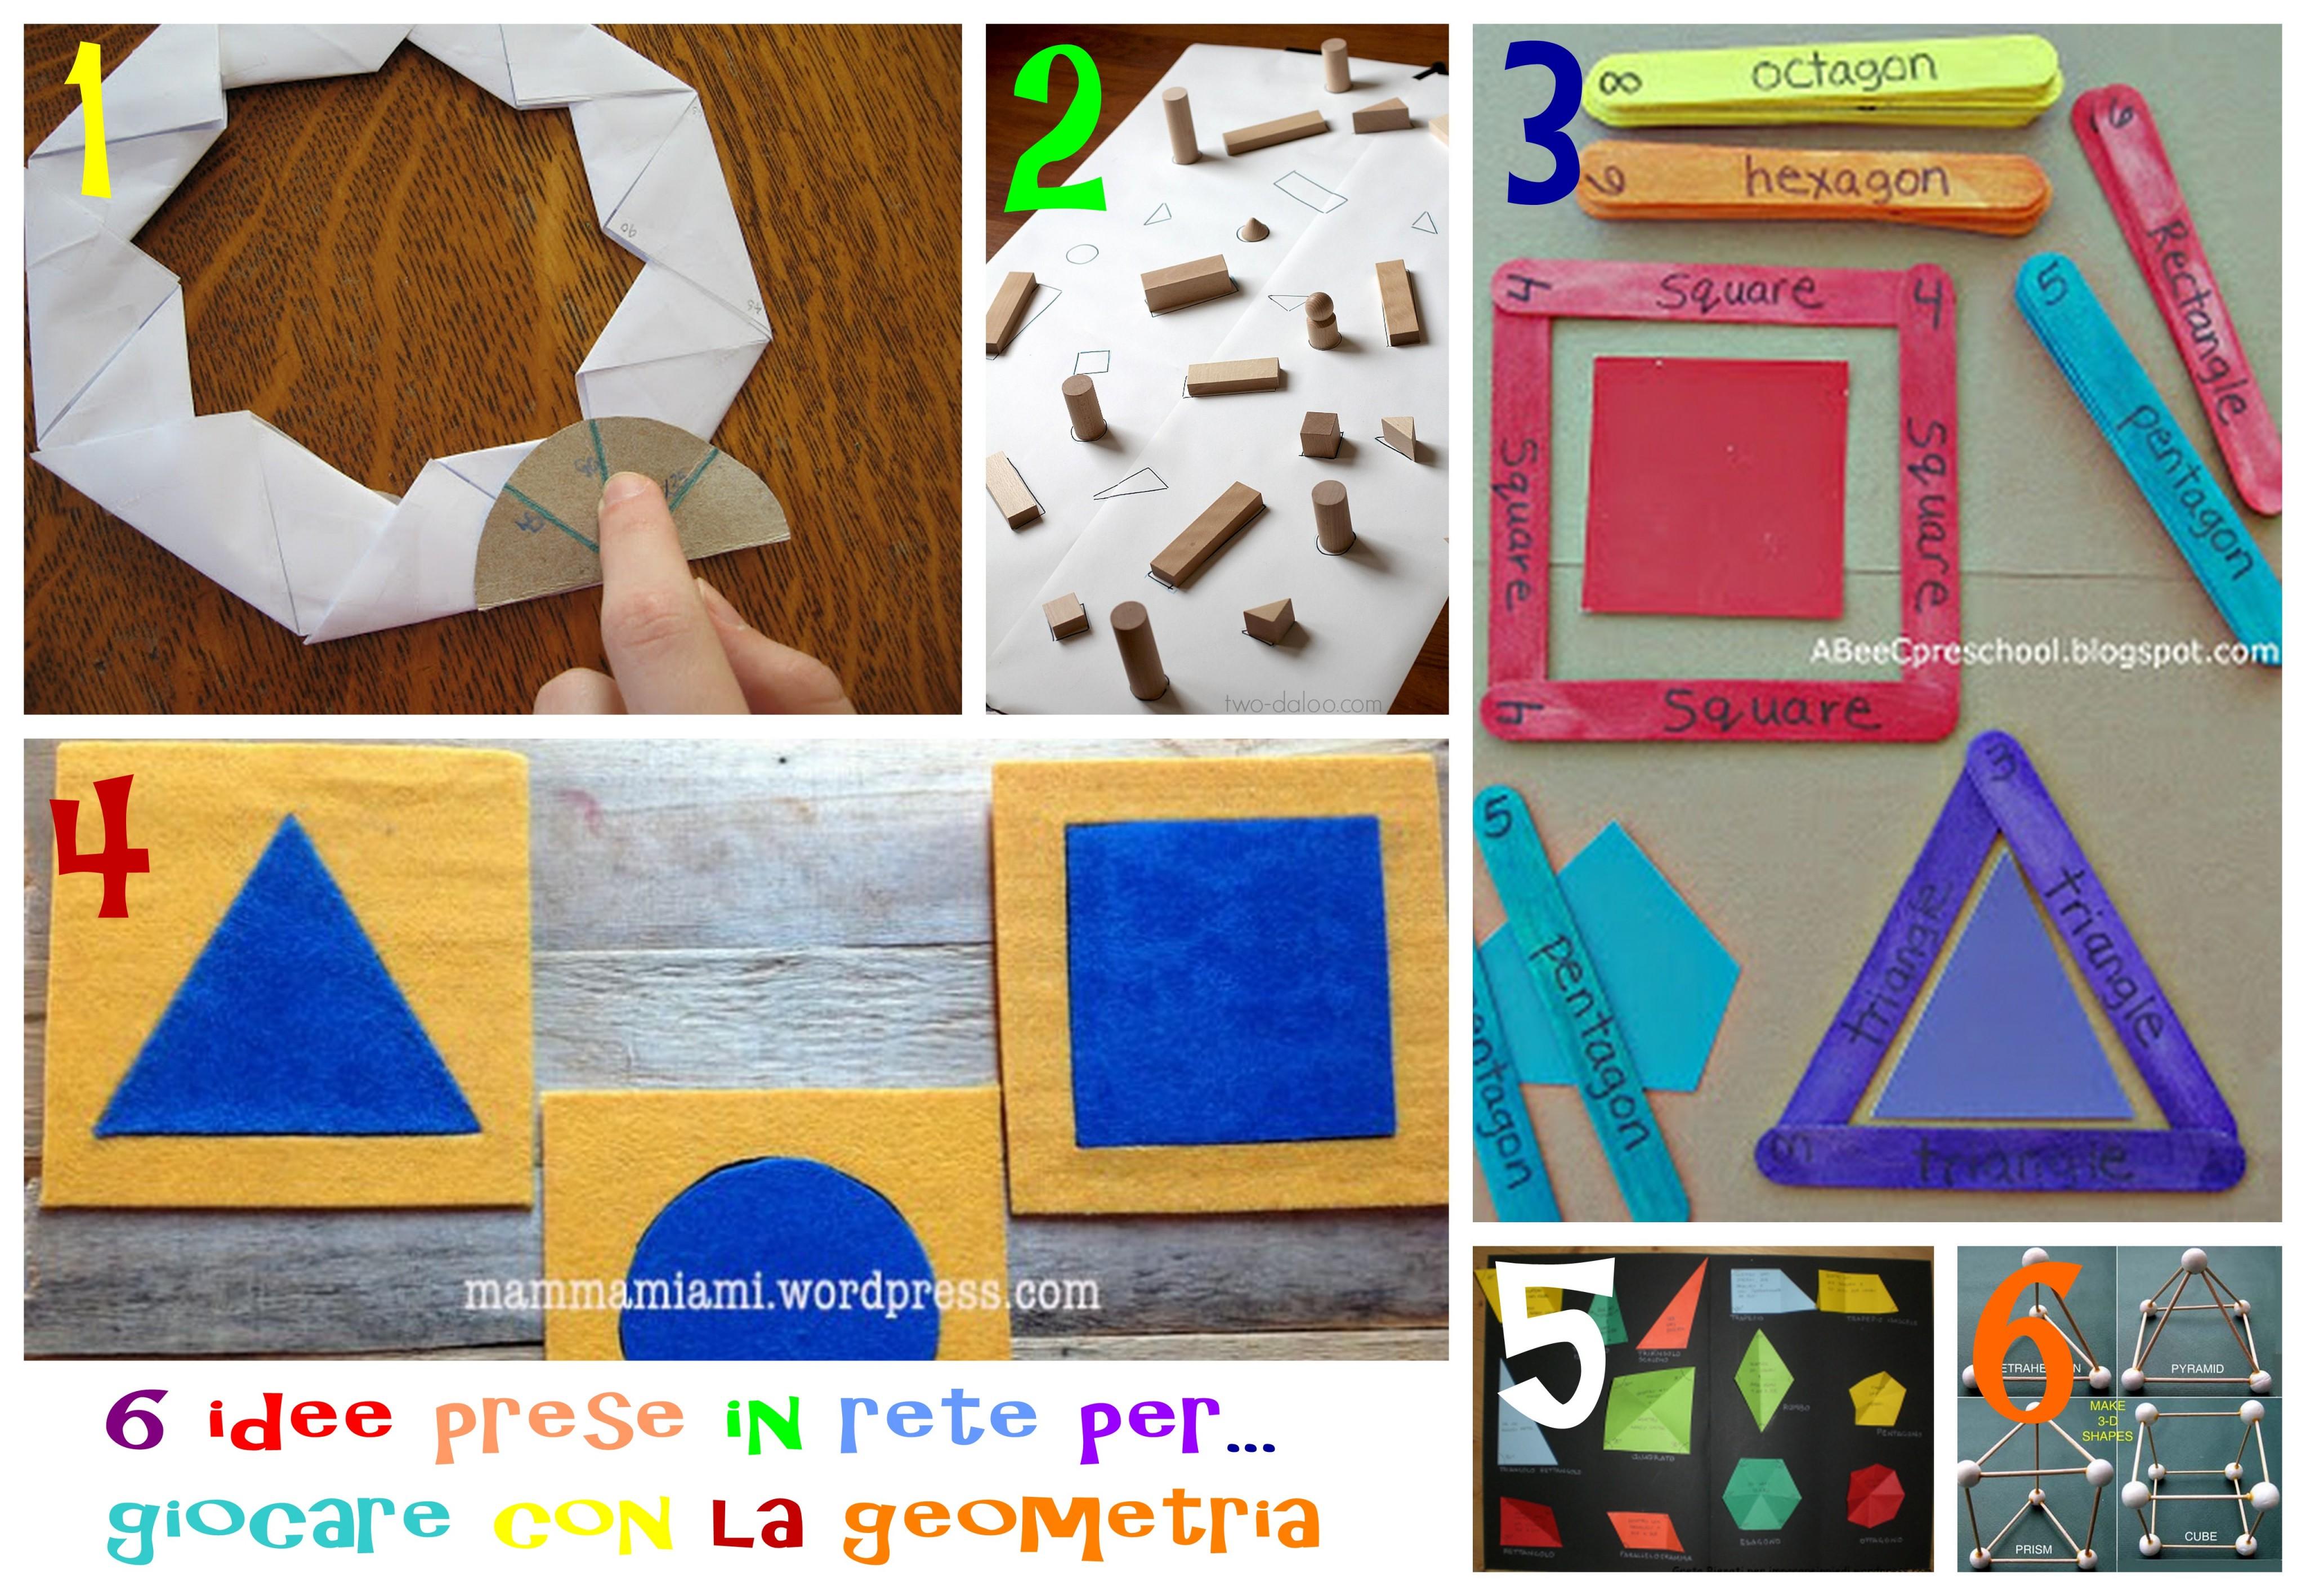 idee e attività e giochi per imparare la geometria